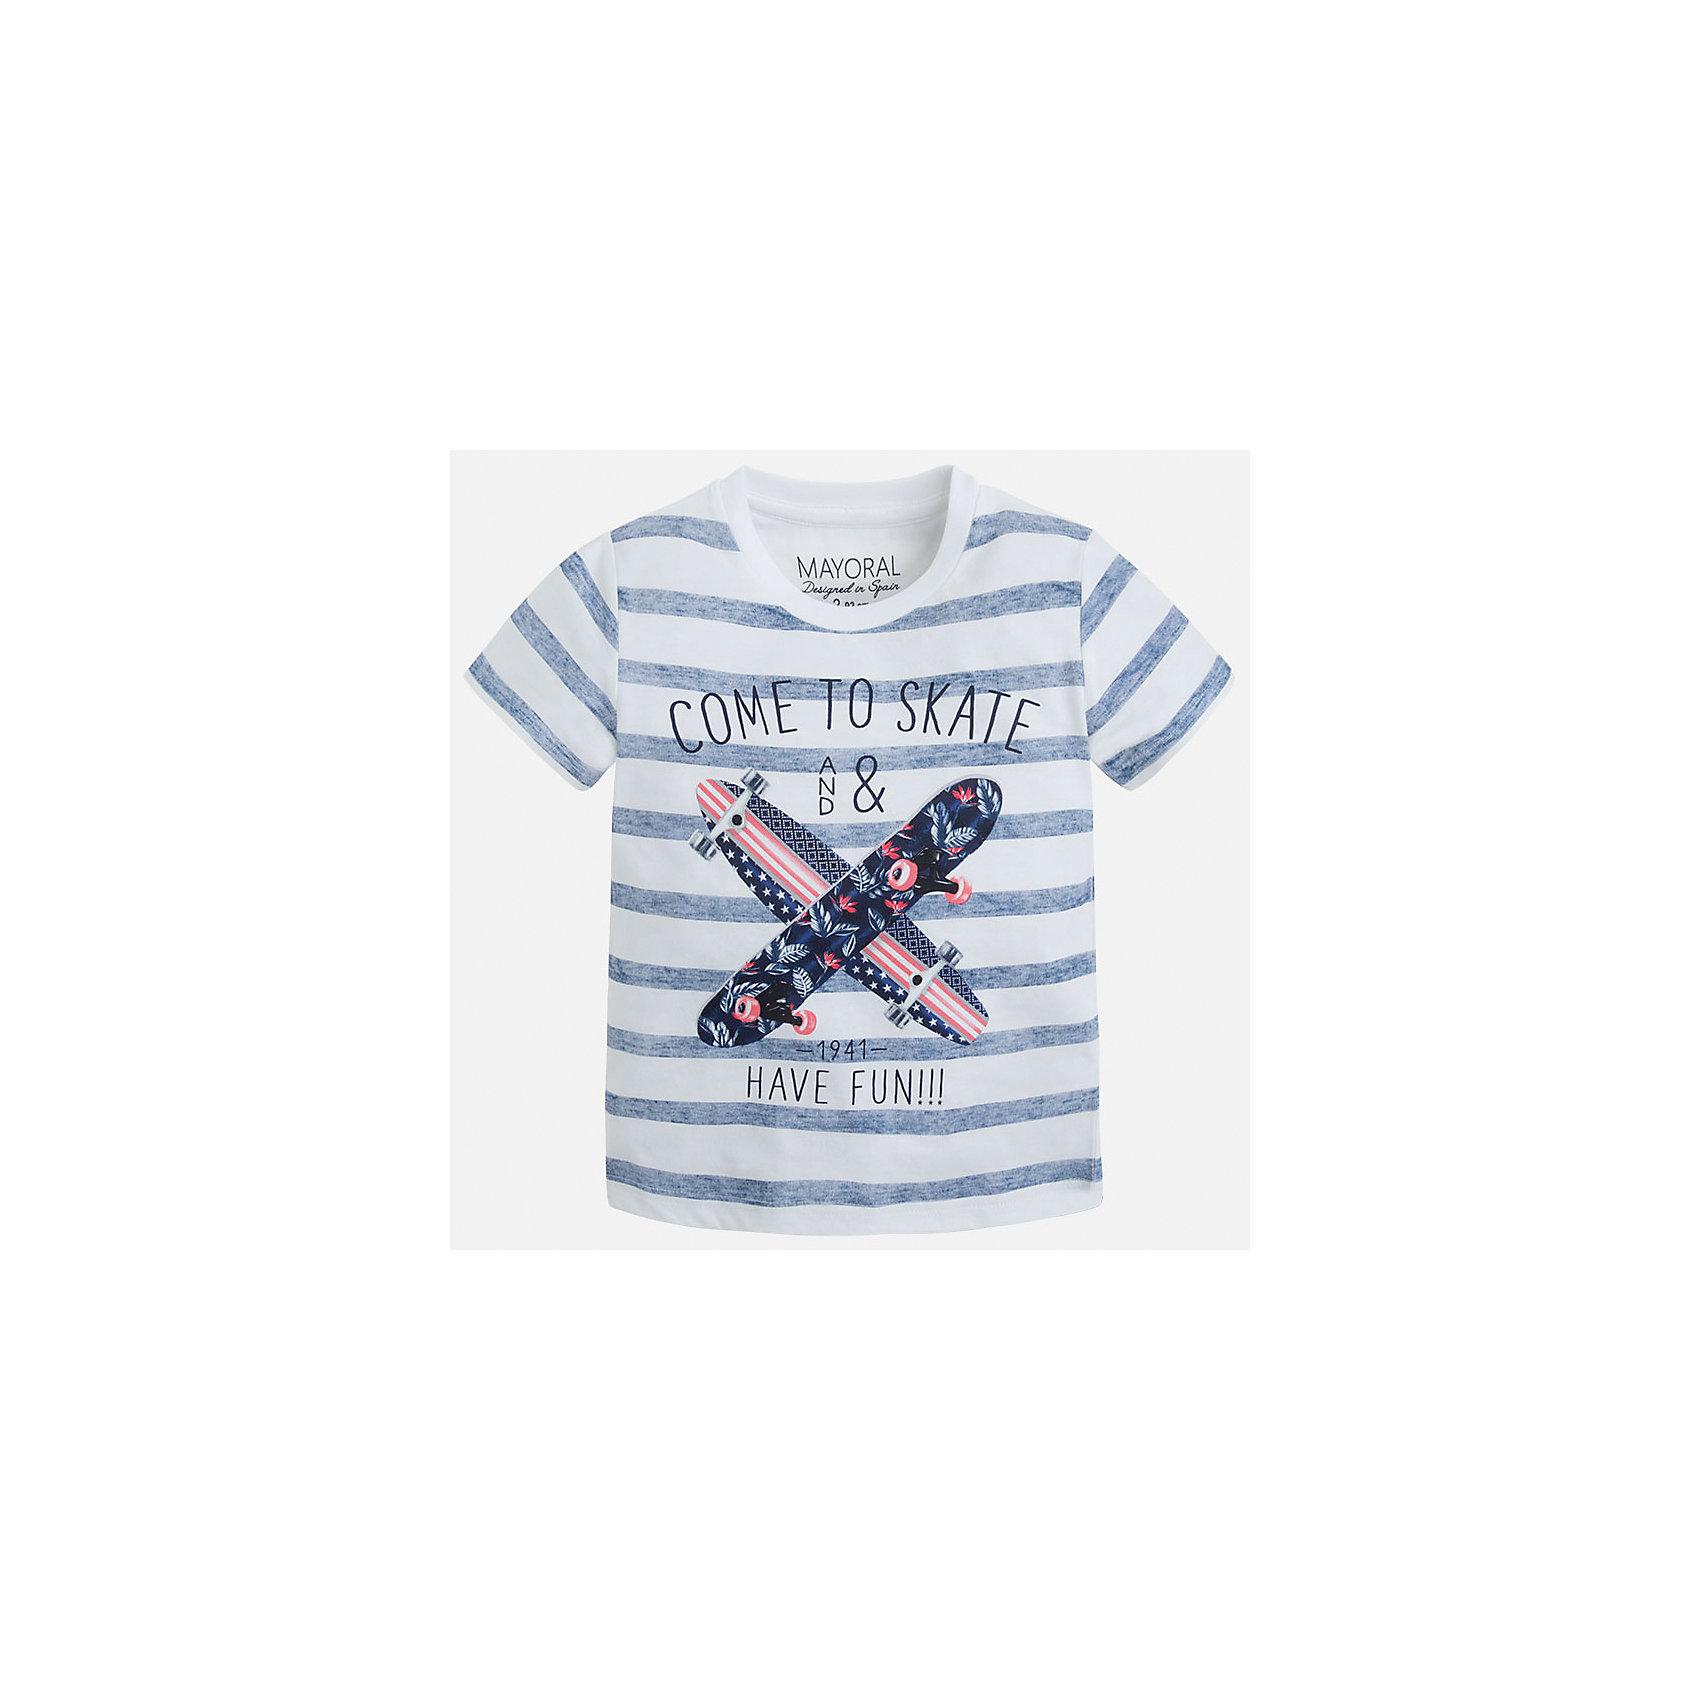 Футболка для мальчика MayoralФутболки, поло и топы<br>Характеристики товара:<br><br>• цвет: белый/синий<br>• состав: 100% хлопок<br>• круглый горловой вырез<br>• декорирована принтом<br>• короткие рукава<br>• отделка горловины<br>• страна бренда: Испания<br><br>Модная удобная футболка с принтом поможет разнообразить гардероб мальчика. Она отлично сочетается с брюками, шортами, джинсами. Универсальный крой и цвет позволяет подобрать к вещи низ разных расцветок. Практичное и стильное изделие! Хорошо смотрится и комфортно сидит на детях. В составе материала - только натуральный хлопок, гипоаллергенный, приятный на ощупь, дышащий. <br><br>Одежда, обувь и аксессуары от испанского бренда Mayoral полюбились детям и взрослым по всему миру. Модели этой марки - стильные и удобные. Для их производства используются только безопасные, качественные материалы и фурнитура. Порадуйте ребенка модными и красивыми вещами от Mayoral! <br><br>Футболку для мальчика от испанского бренда Mayoral (Майорал) можно купить в нашем интернет-магазине.<br><br>Ширина мм: 199<br>Глубина мм: 10<br>Высота мм: 161<br>Вес г: 151<br>Цвет: синий<br>Возраст от месяцев: 36<br>Возраст до месяцев: 48<br>Пол: Мужской<br>Возраст: Детский<br>Размер: 104,92,98,110,116,122,128,134<br>SKU: 5279863